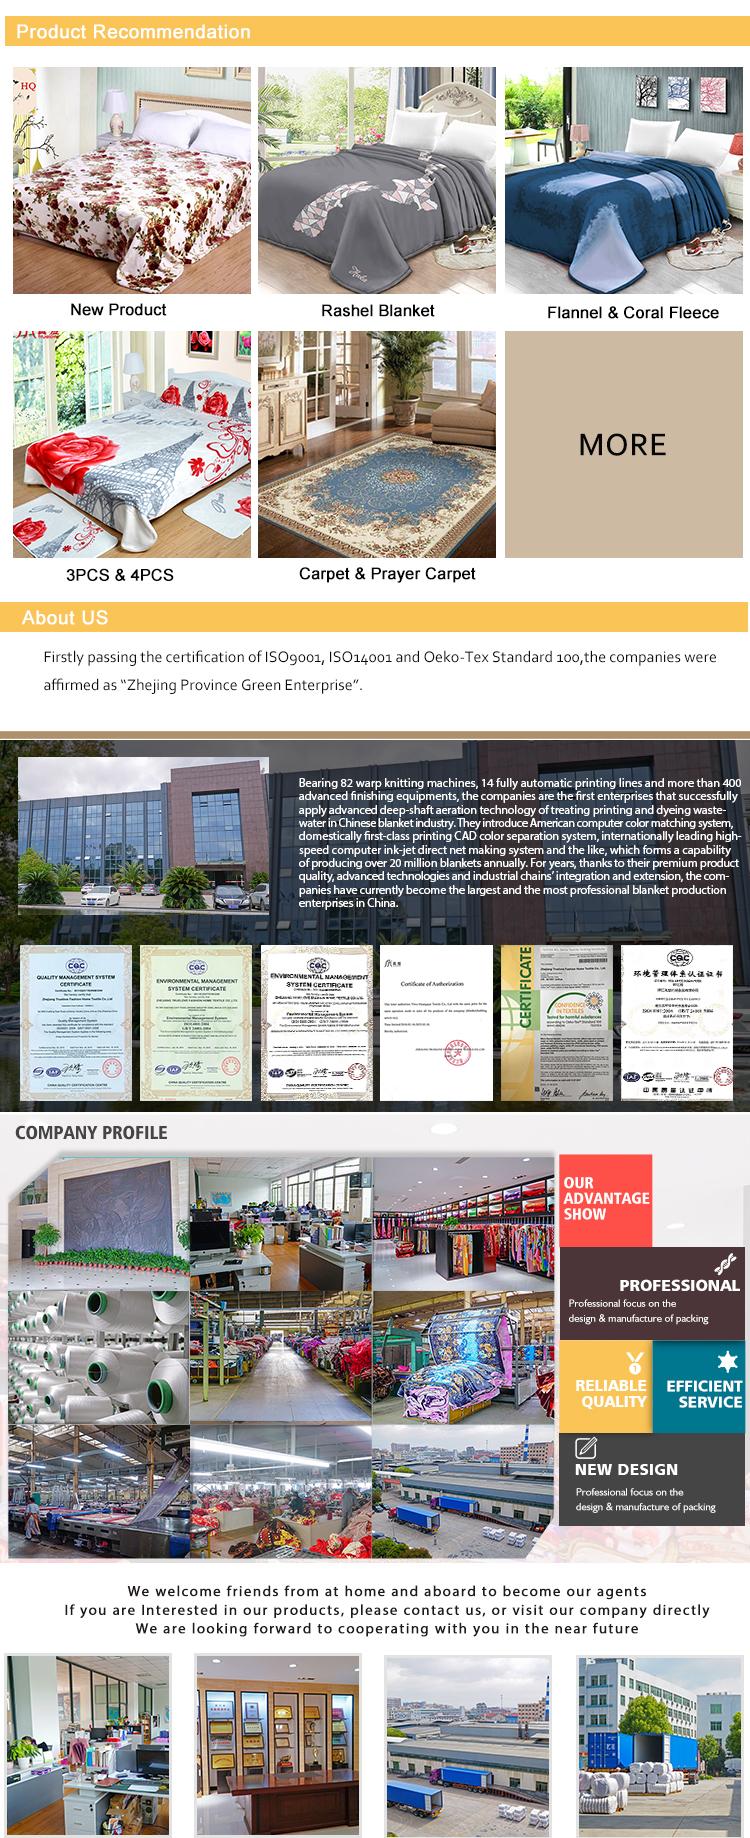 Wholesale Company Kuwait